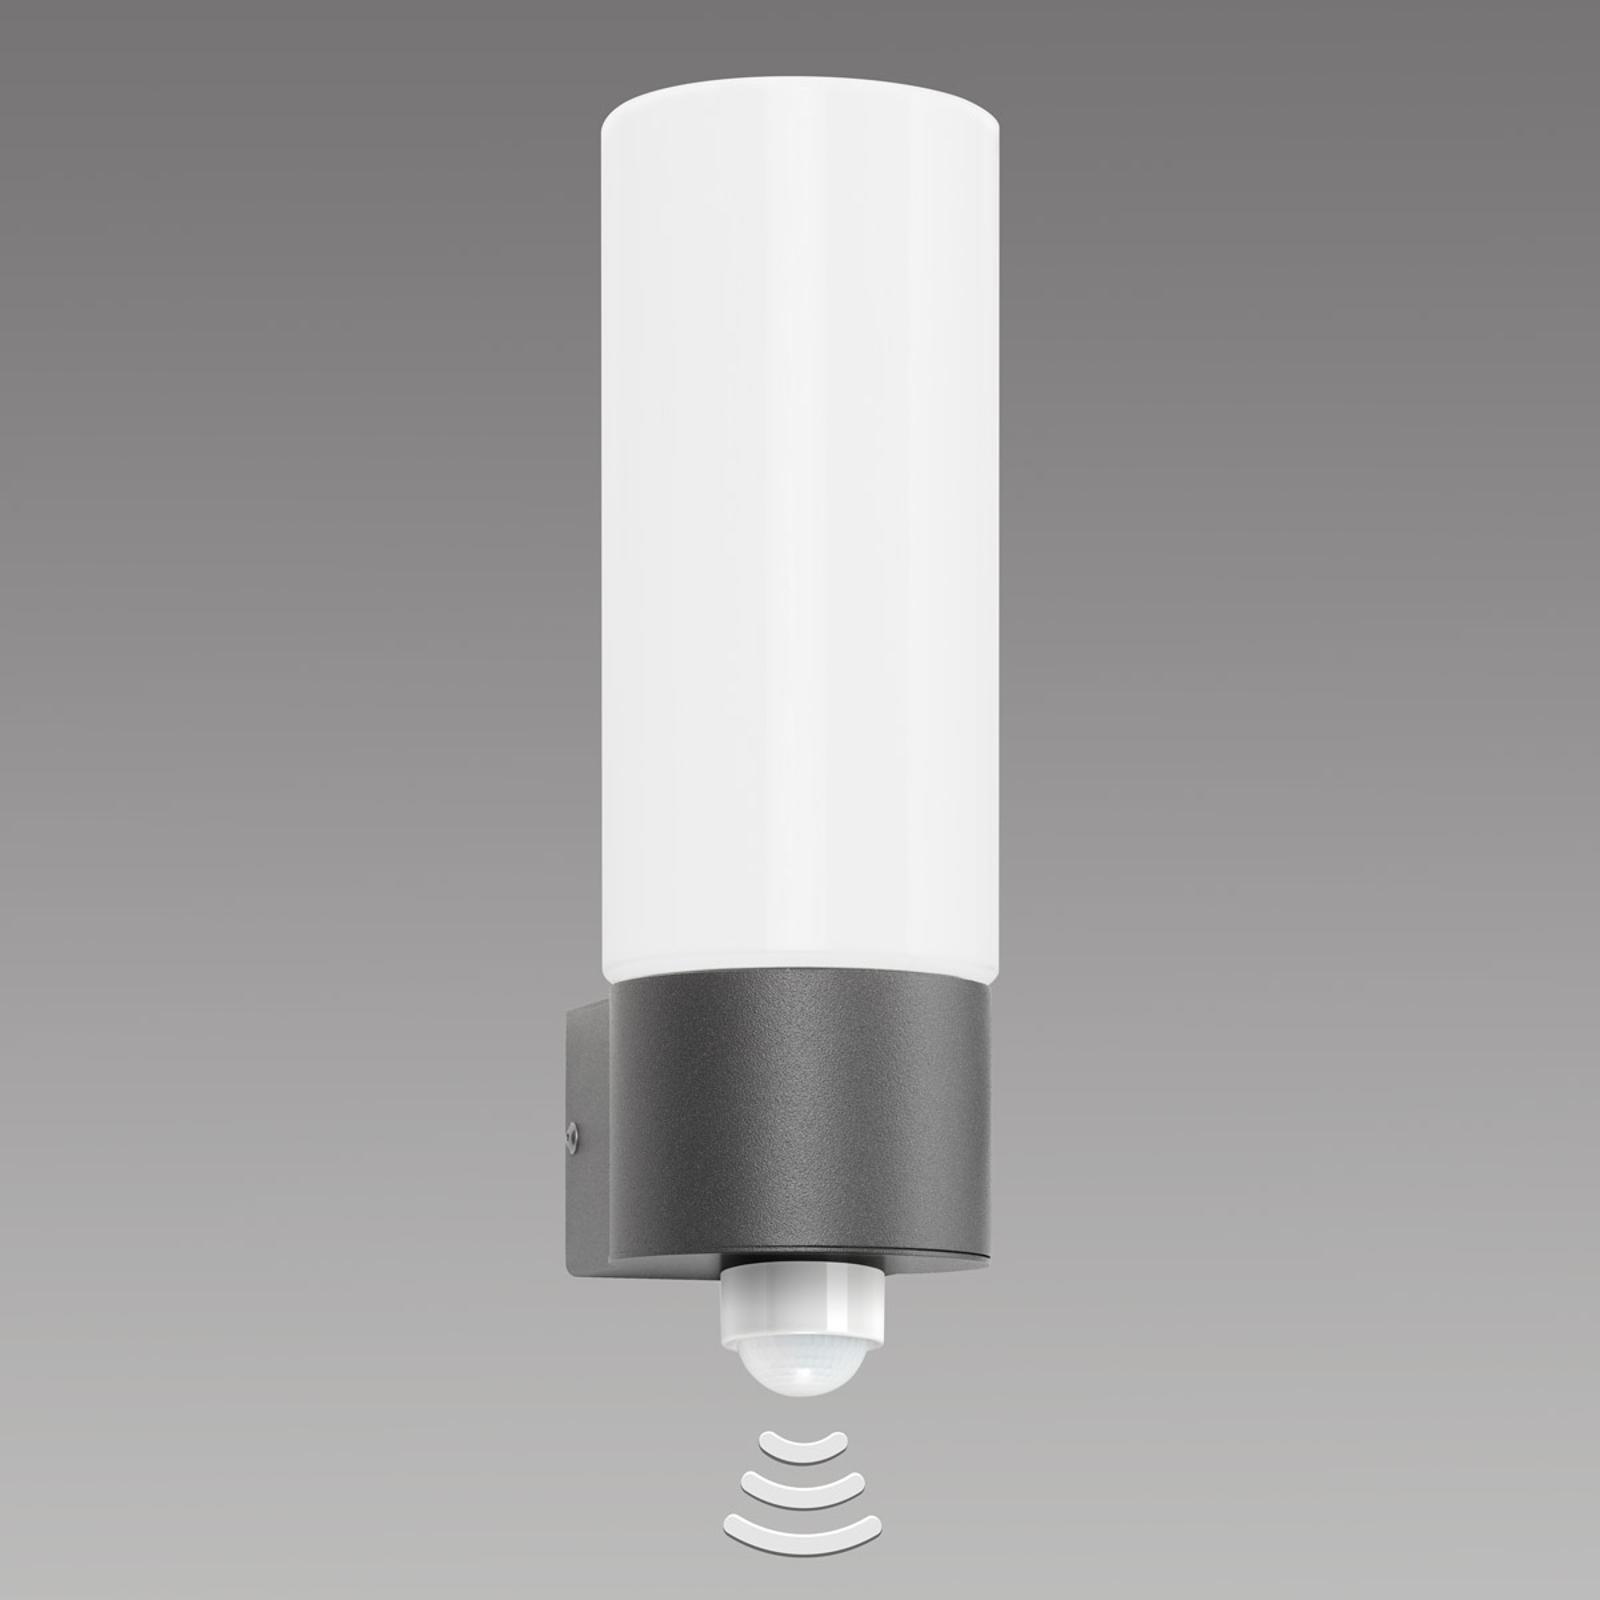 Lampada parete esterni Gray decorativa con sensore